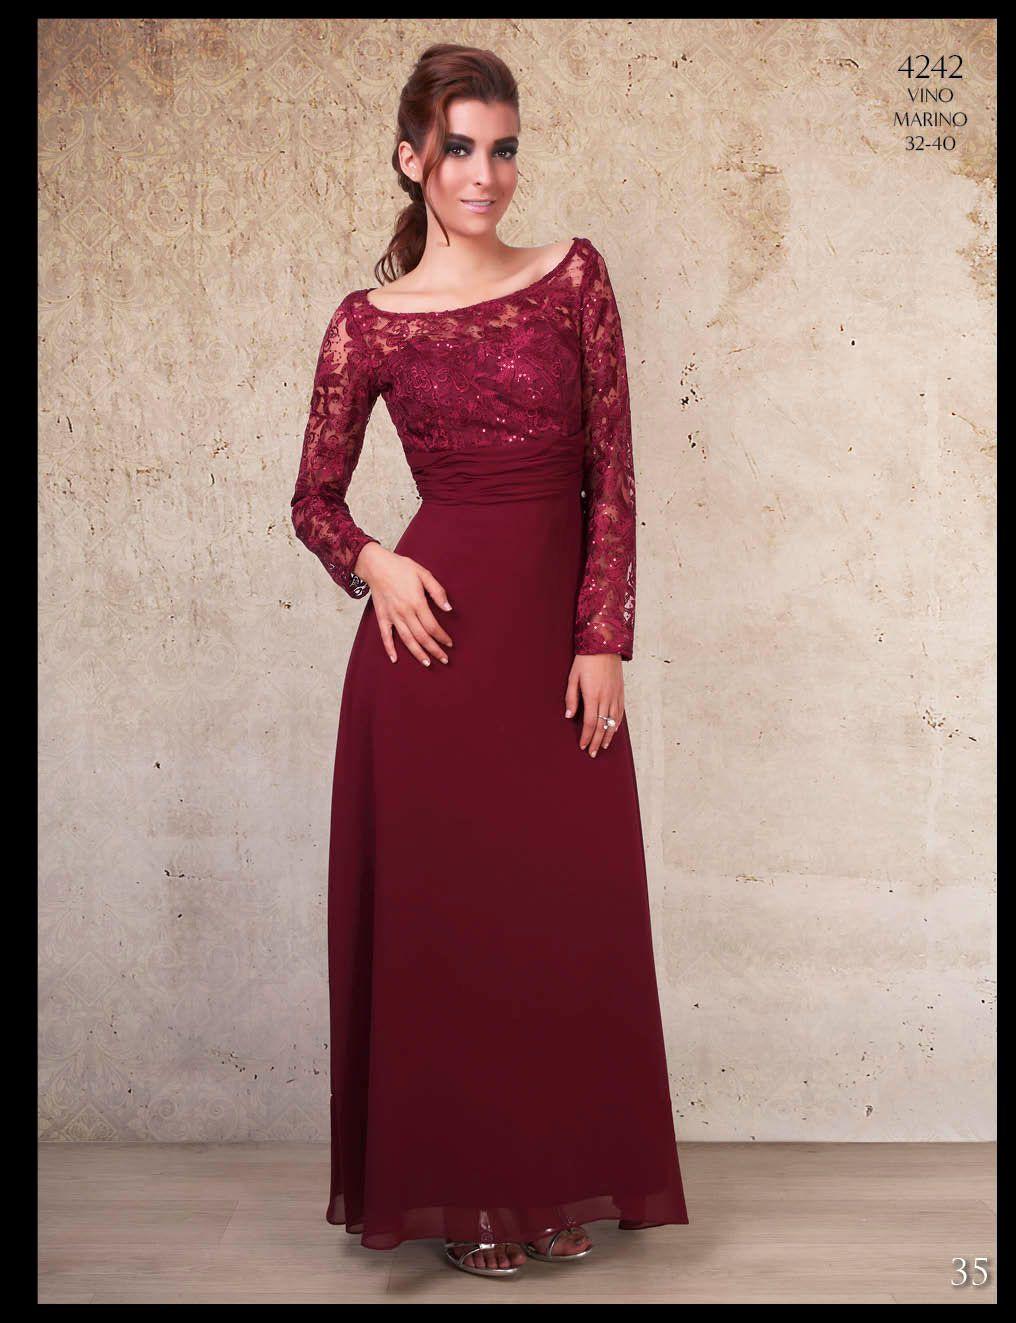 Vestido Vino Vestidos De Noche Elegantes Vestidos Vino Y